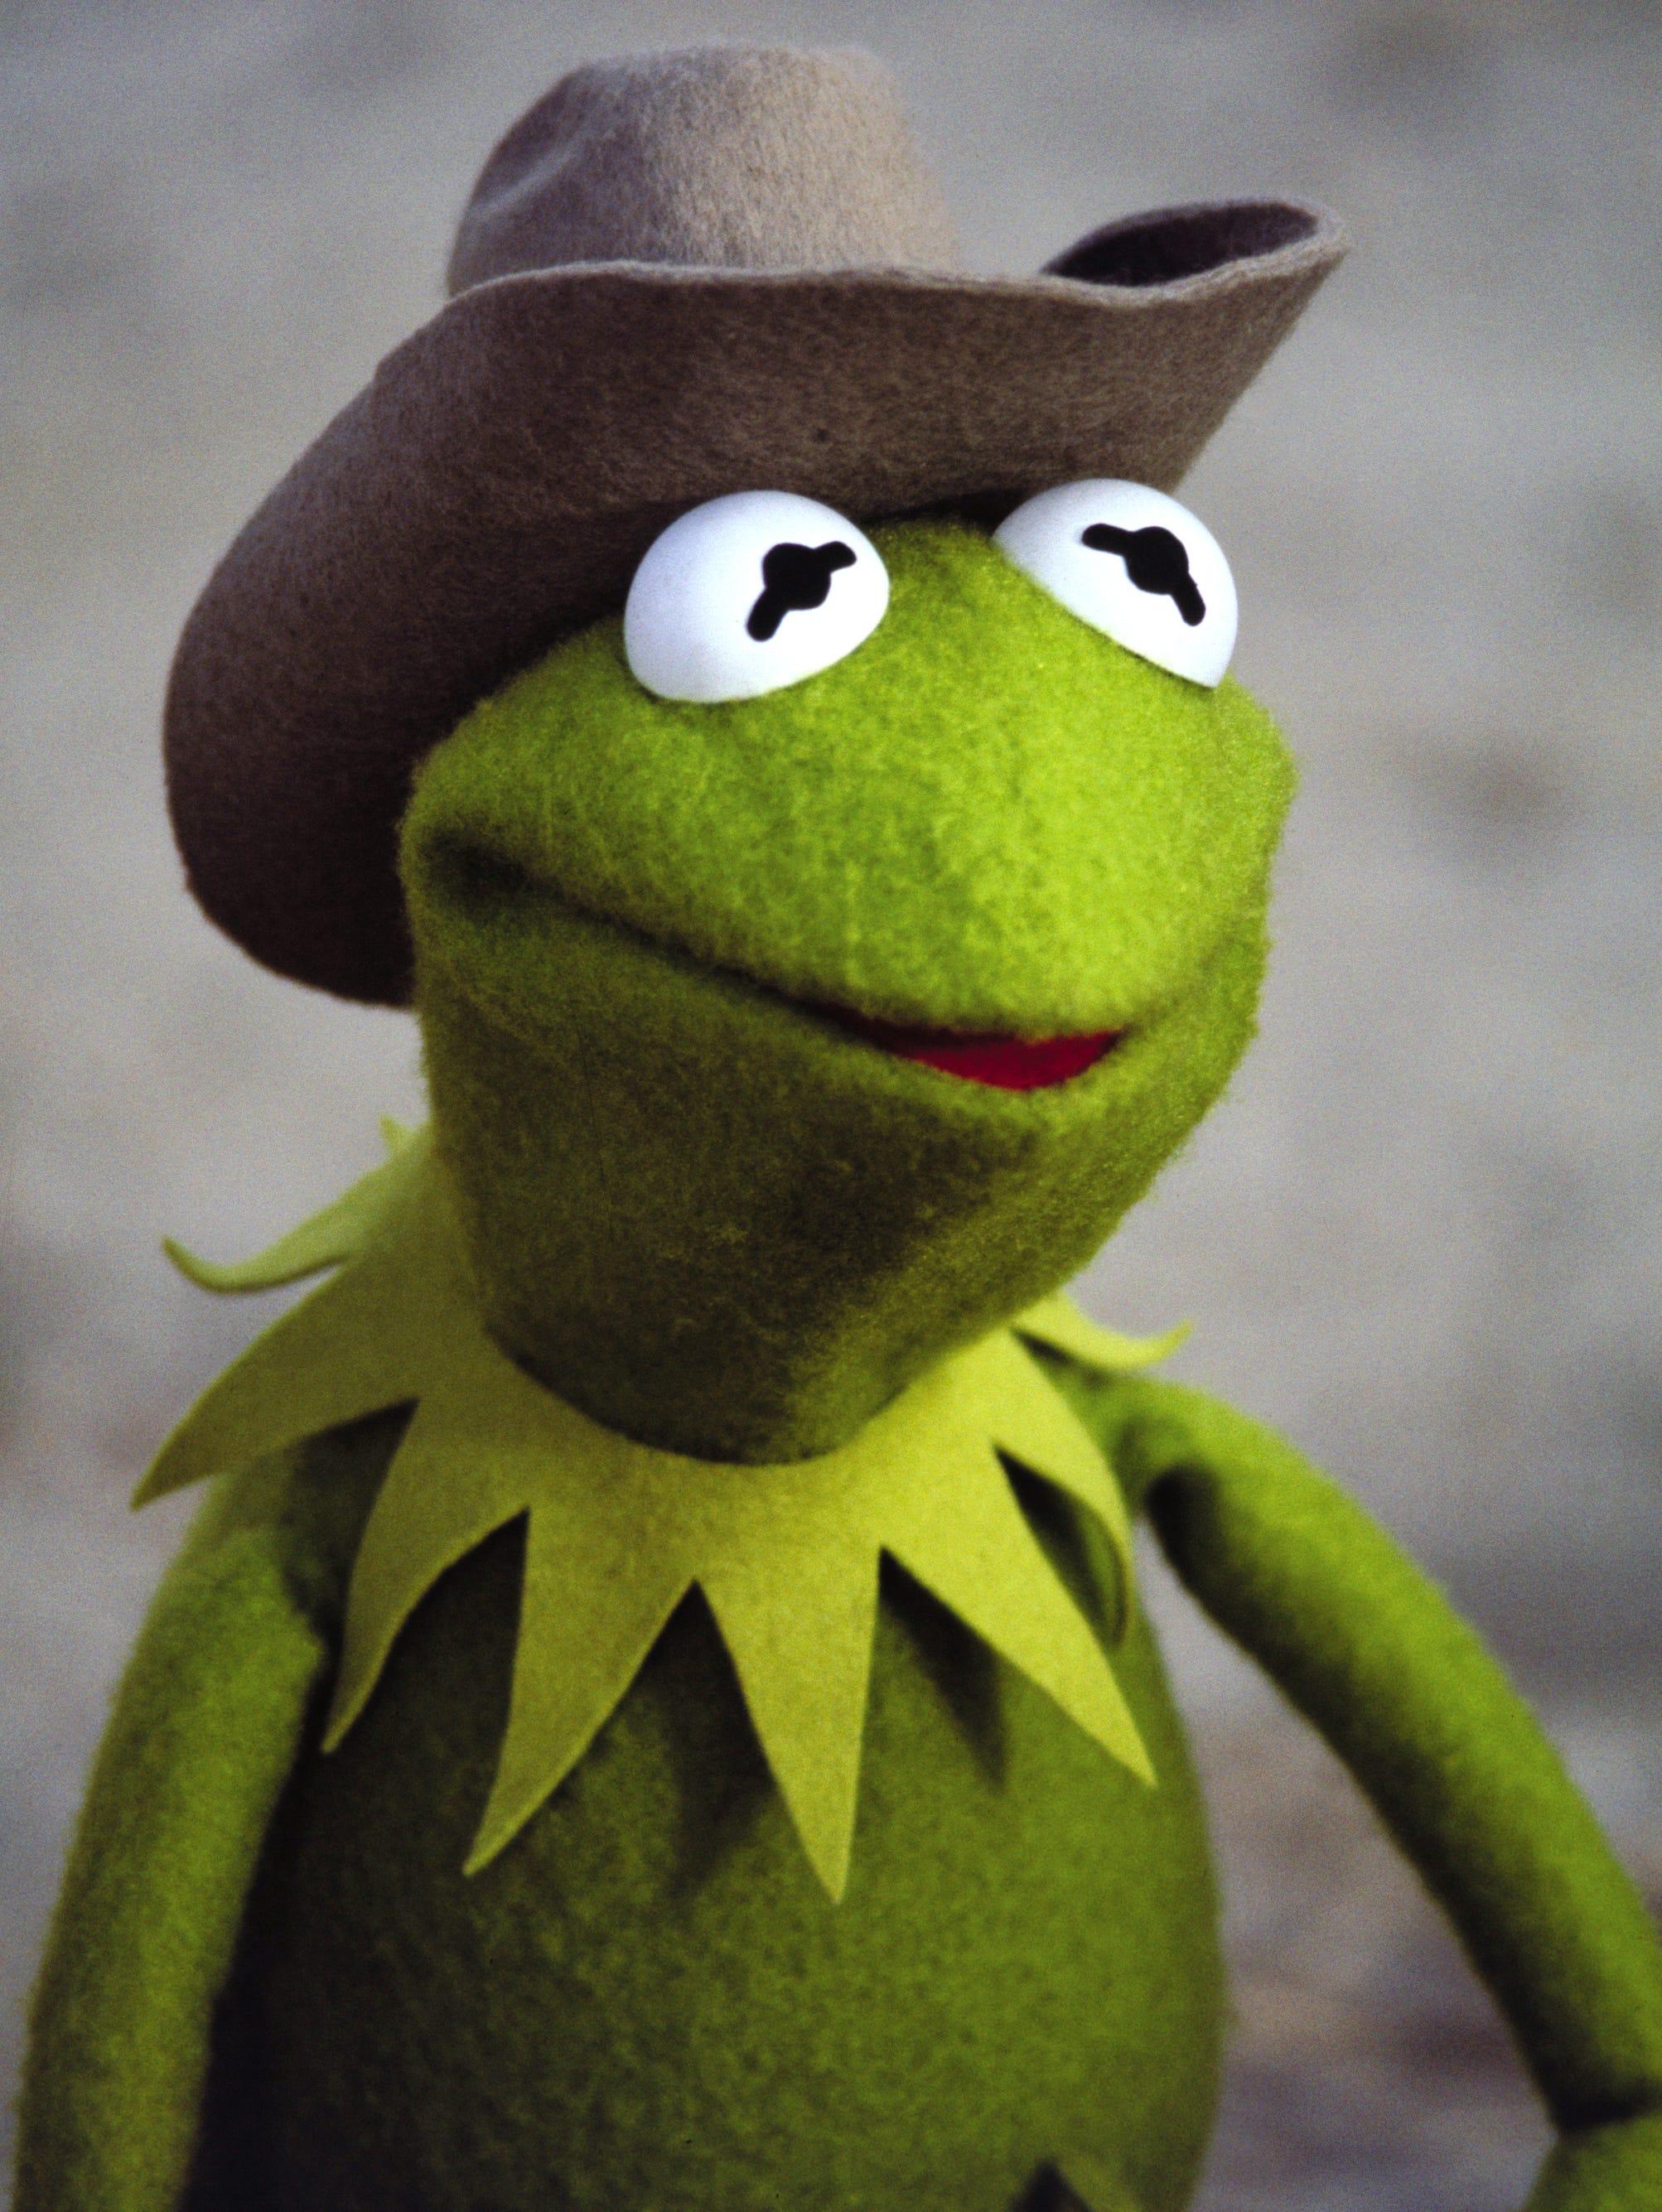 Kermit cowboy